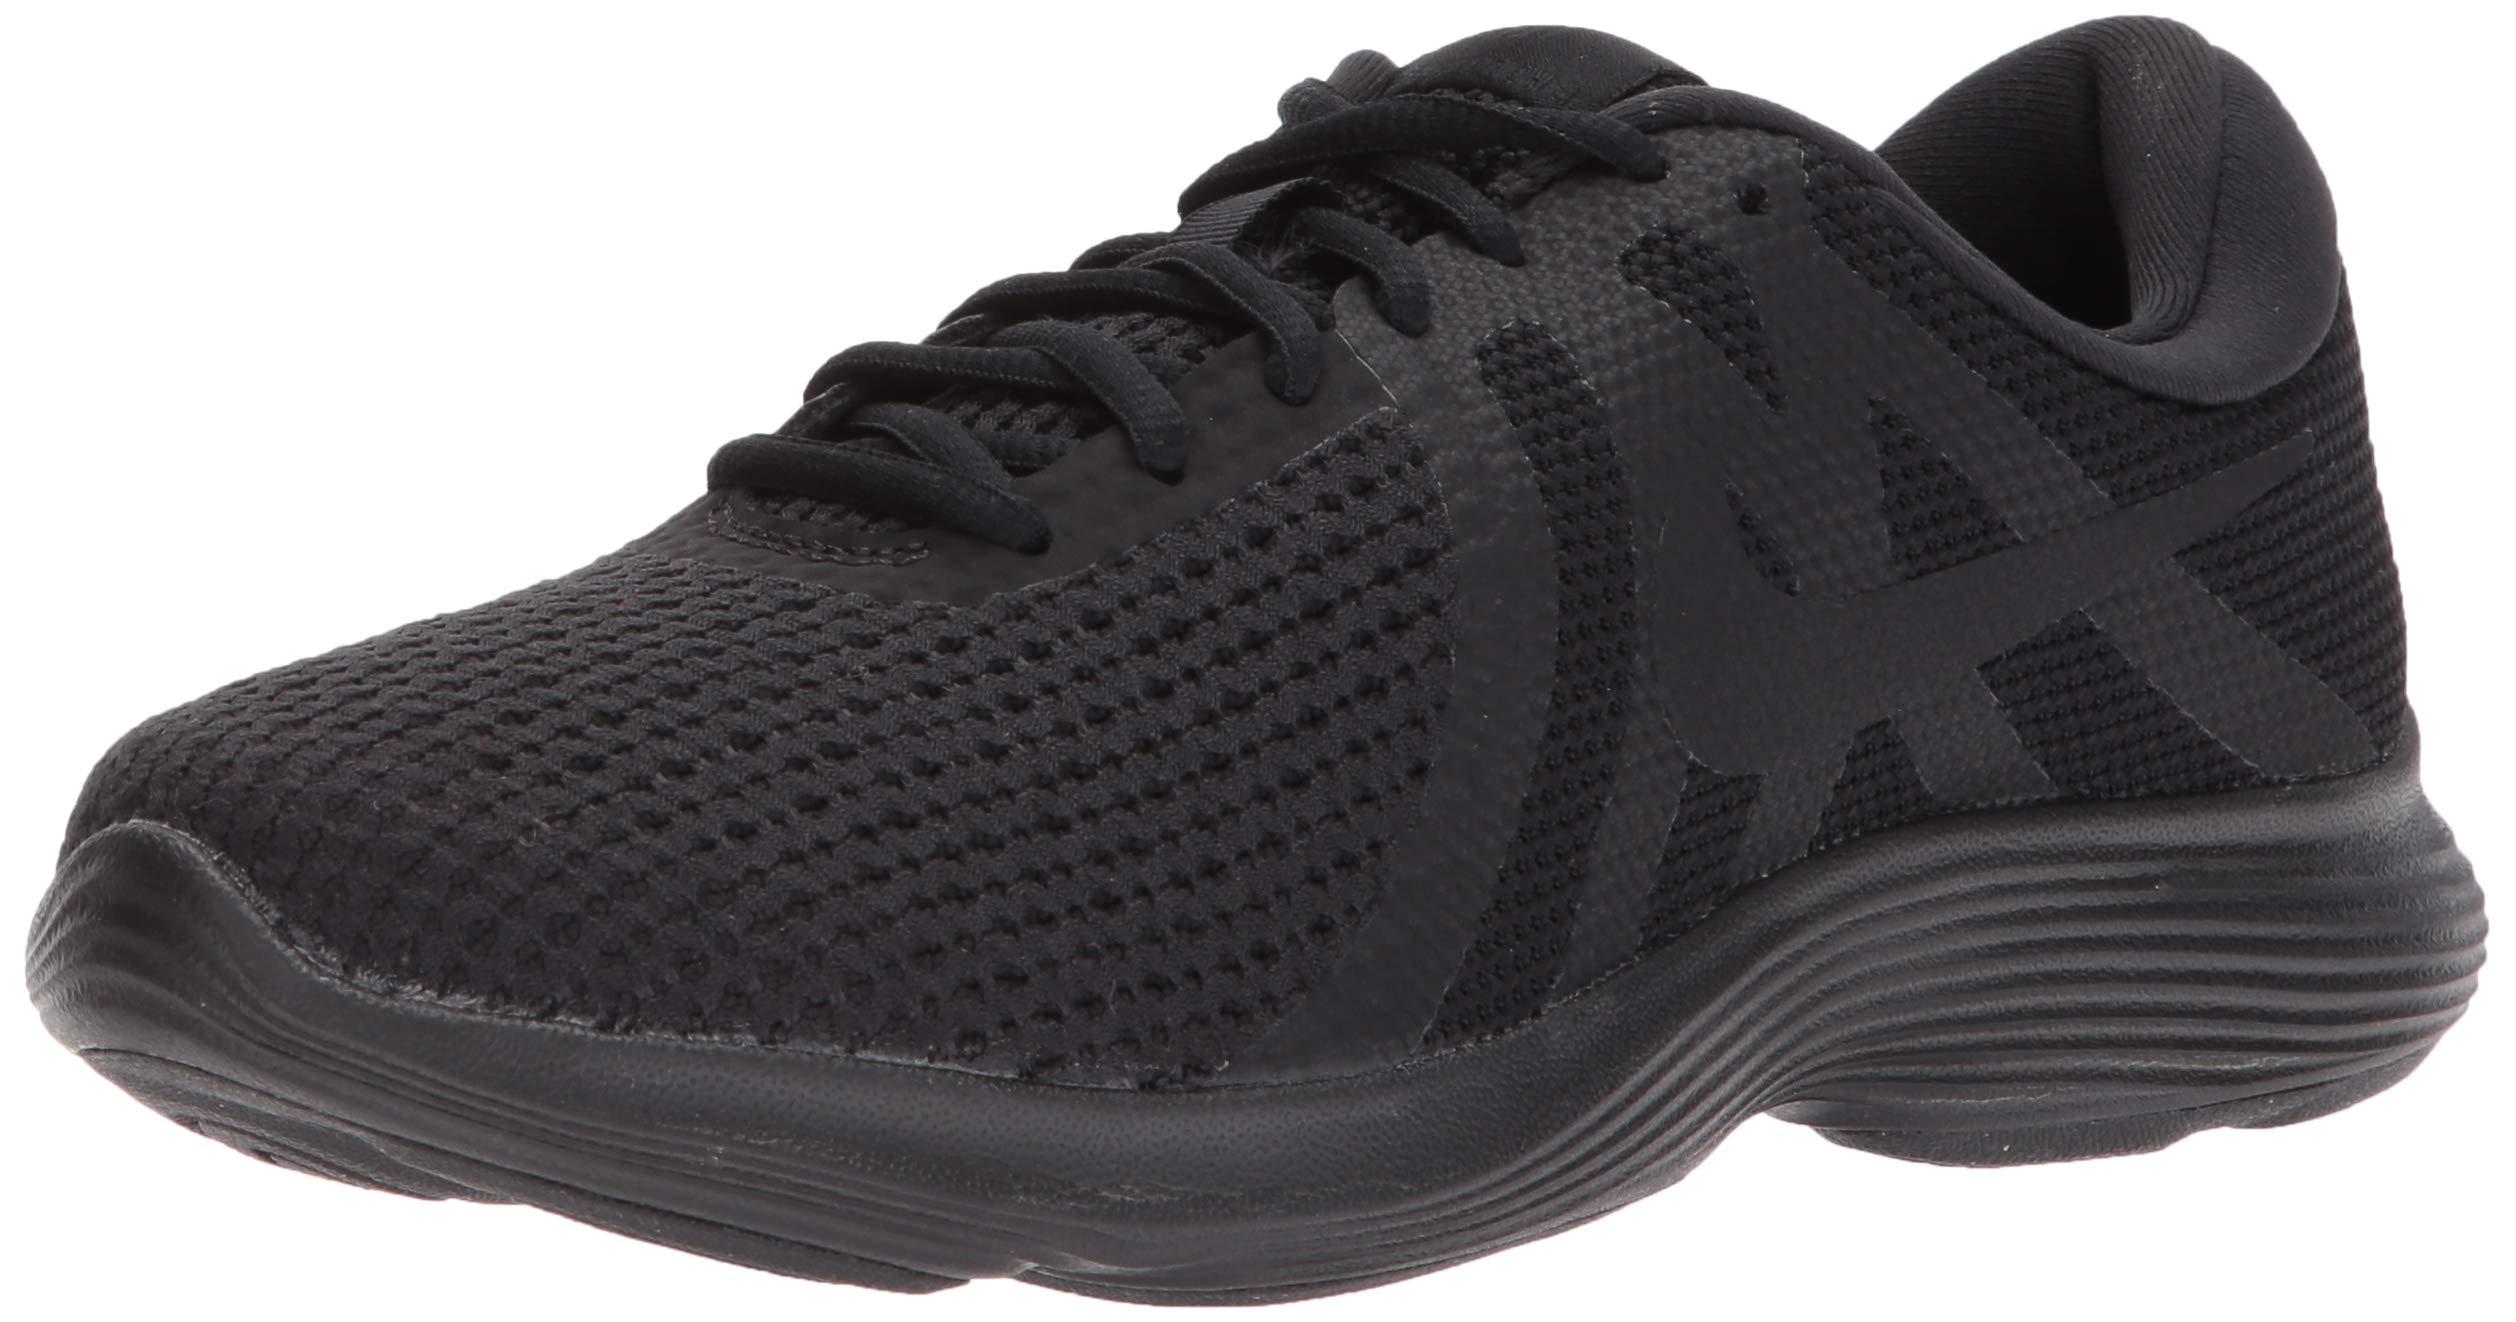 Nike Women's Revolution 4 Running Shoe, Black, 8 Regular US by Nike